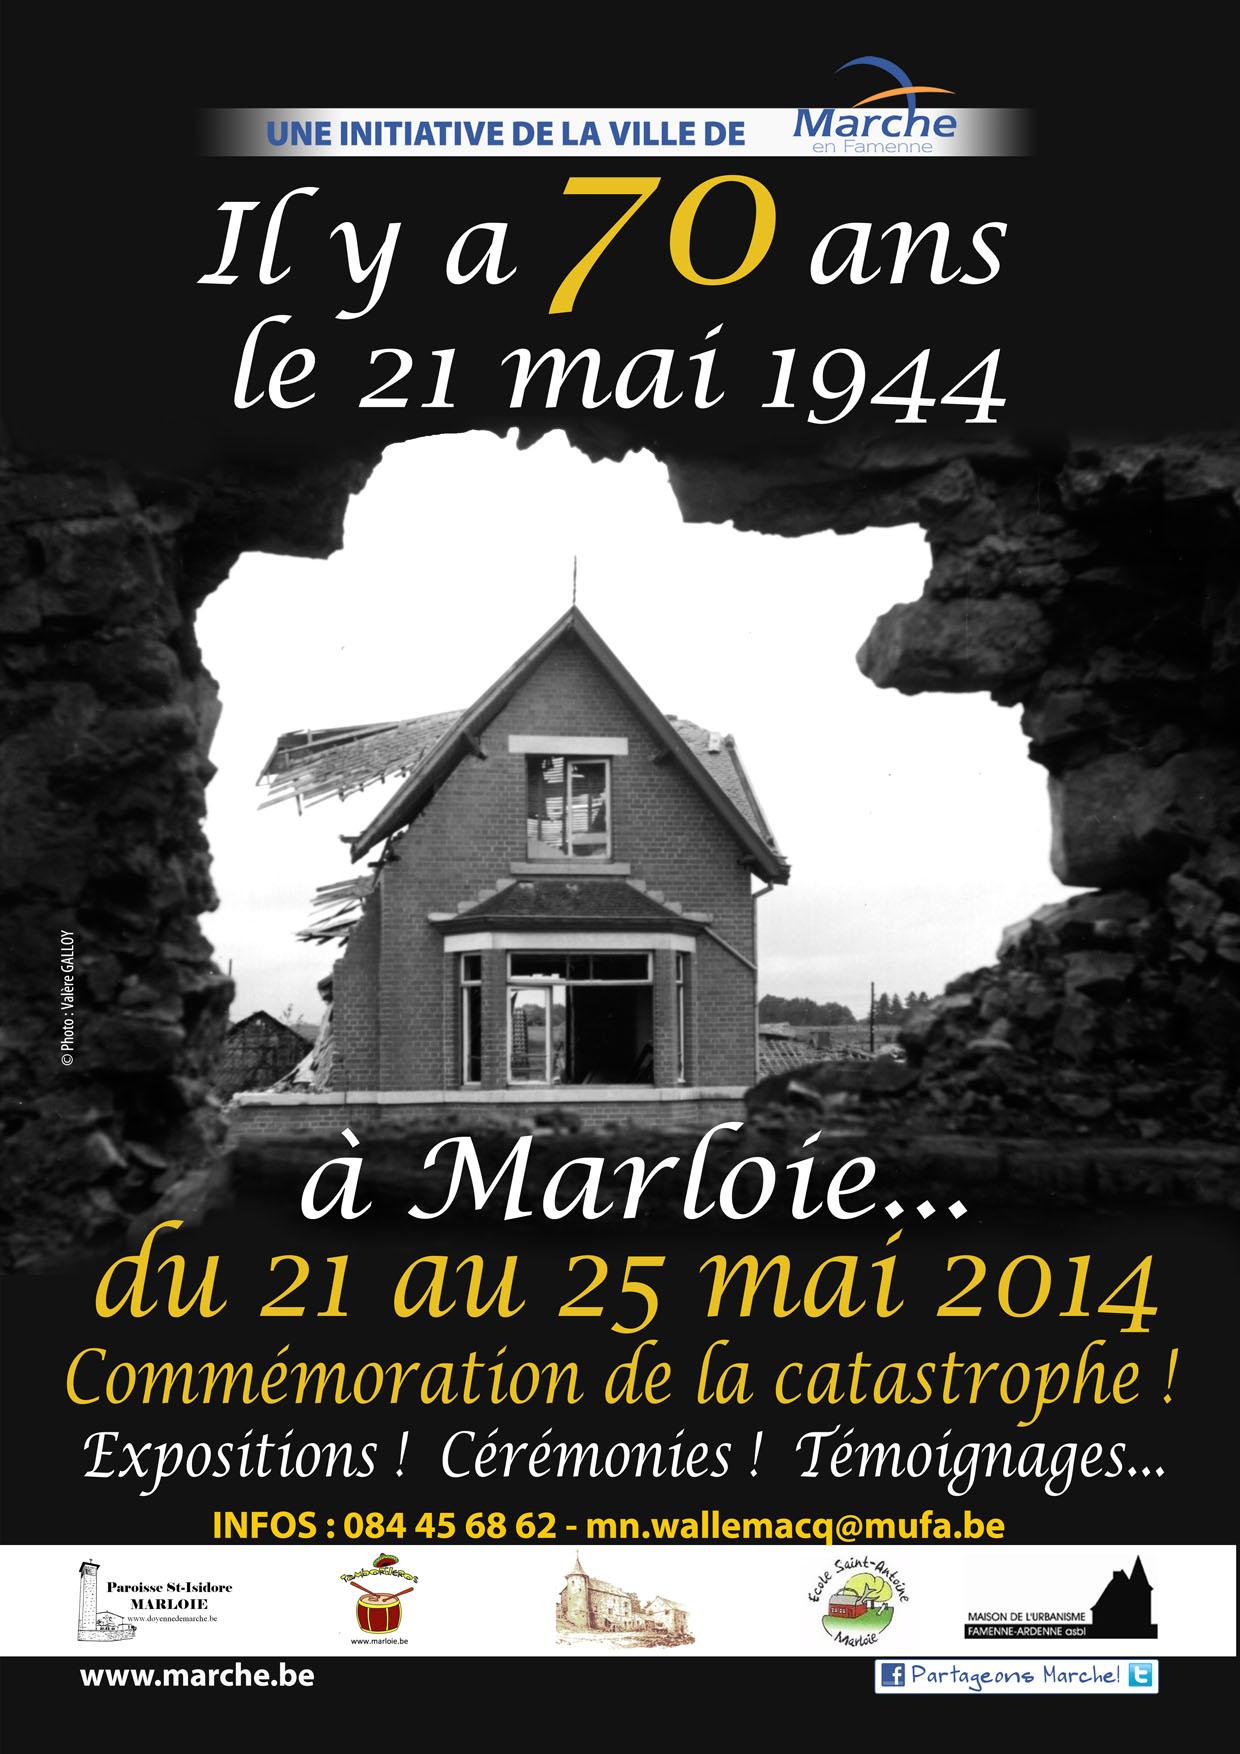 Les 70 ans de la catastrophe de Marloie. | Tourisme ...